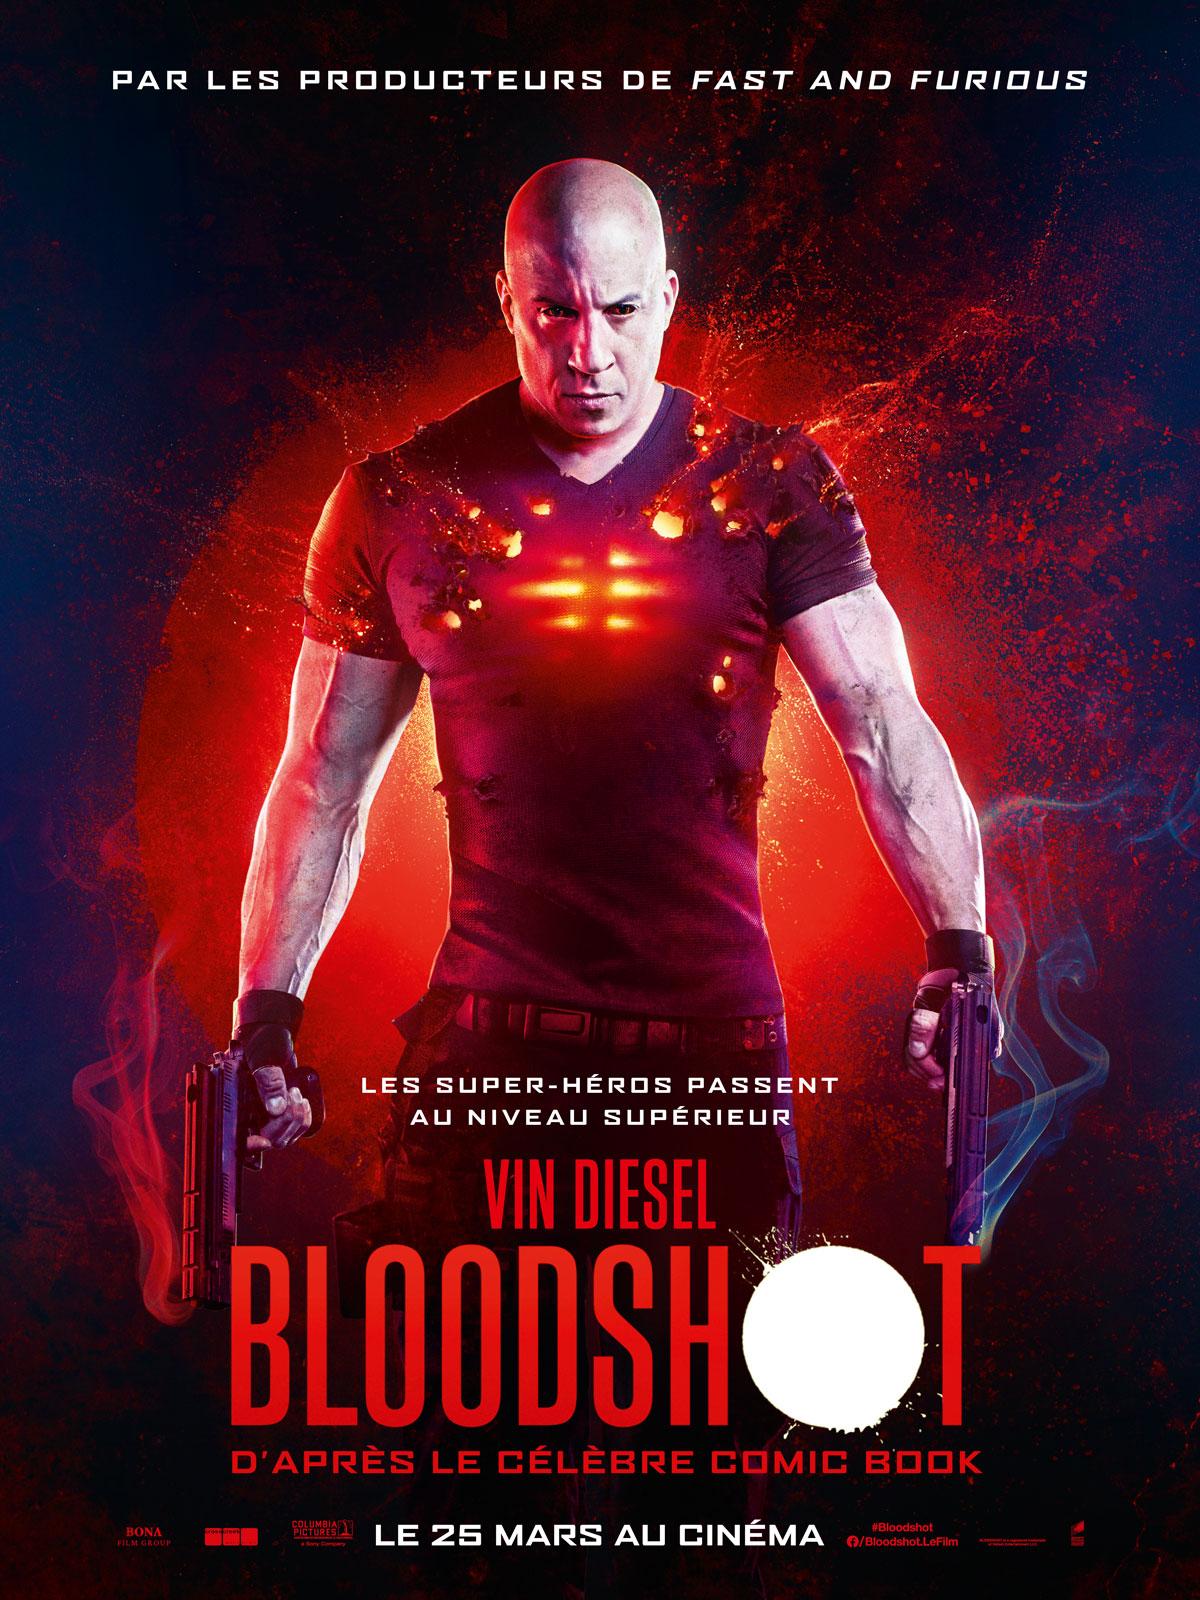 Achat Bloodshot en DVD - AlloCiné